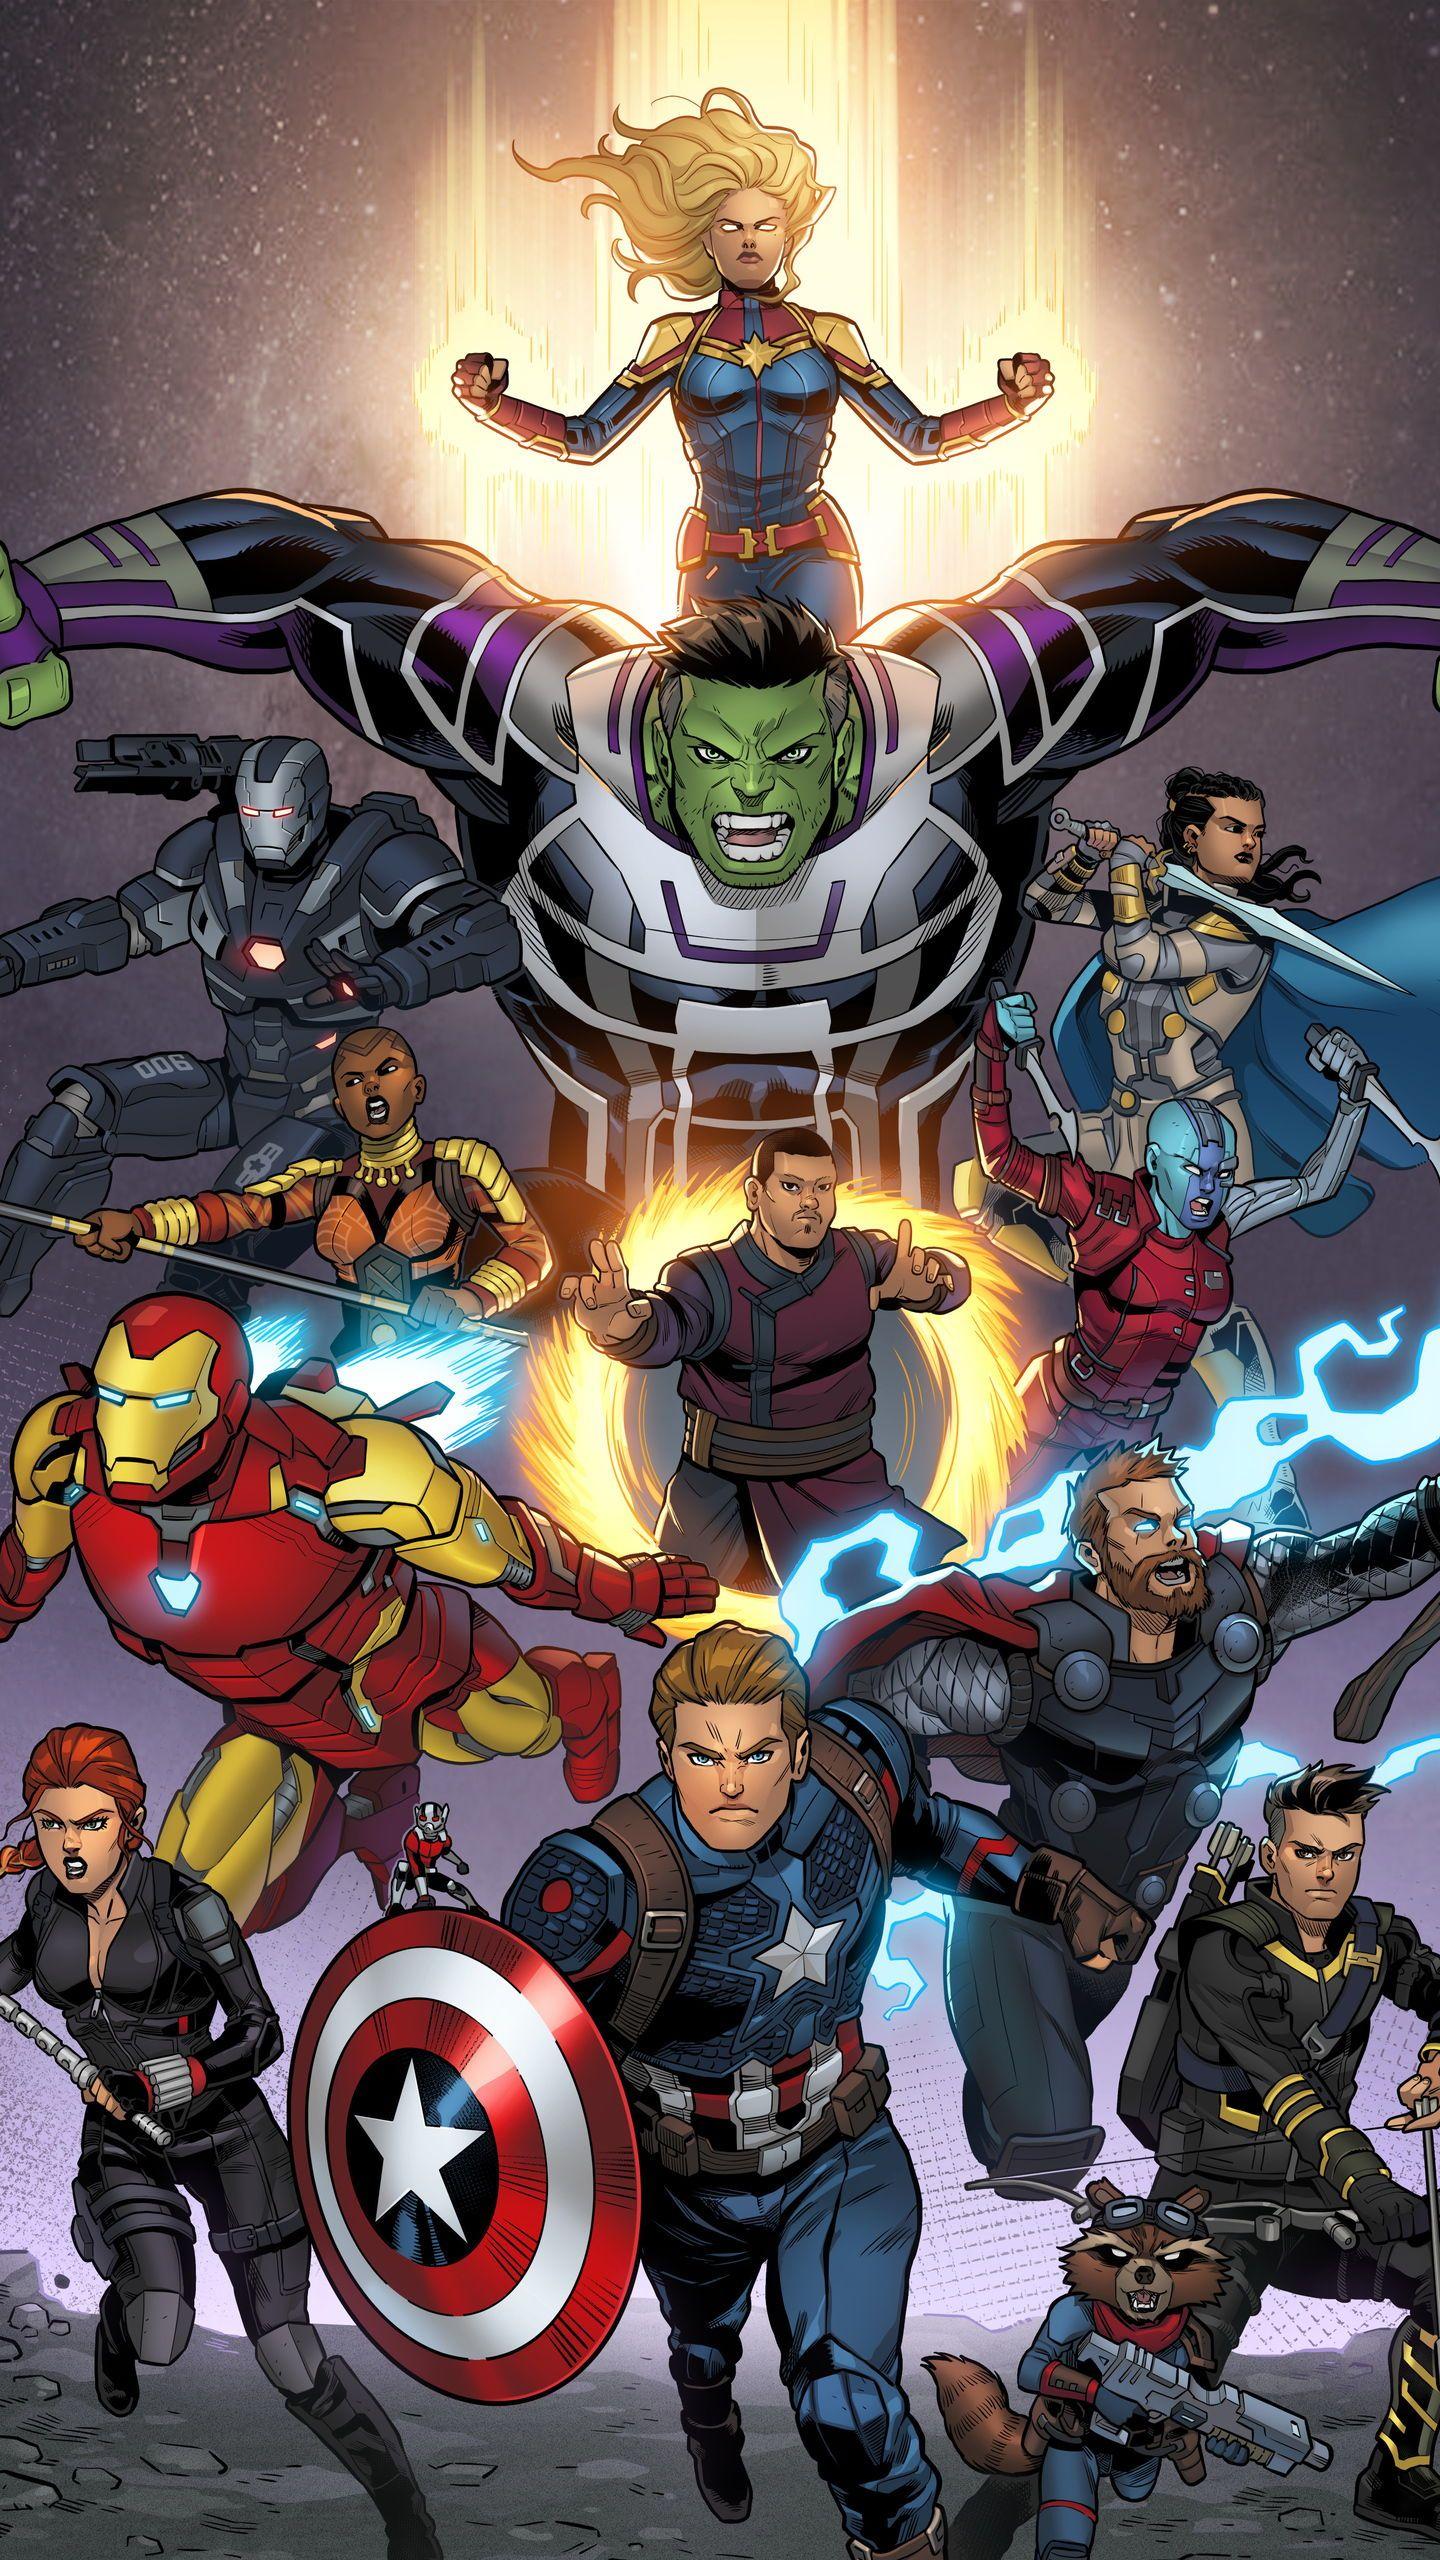 AVENGERS ASSEMBLE! Arte de marvel, Personajes de marvel